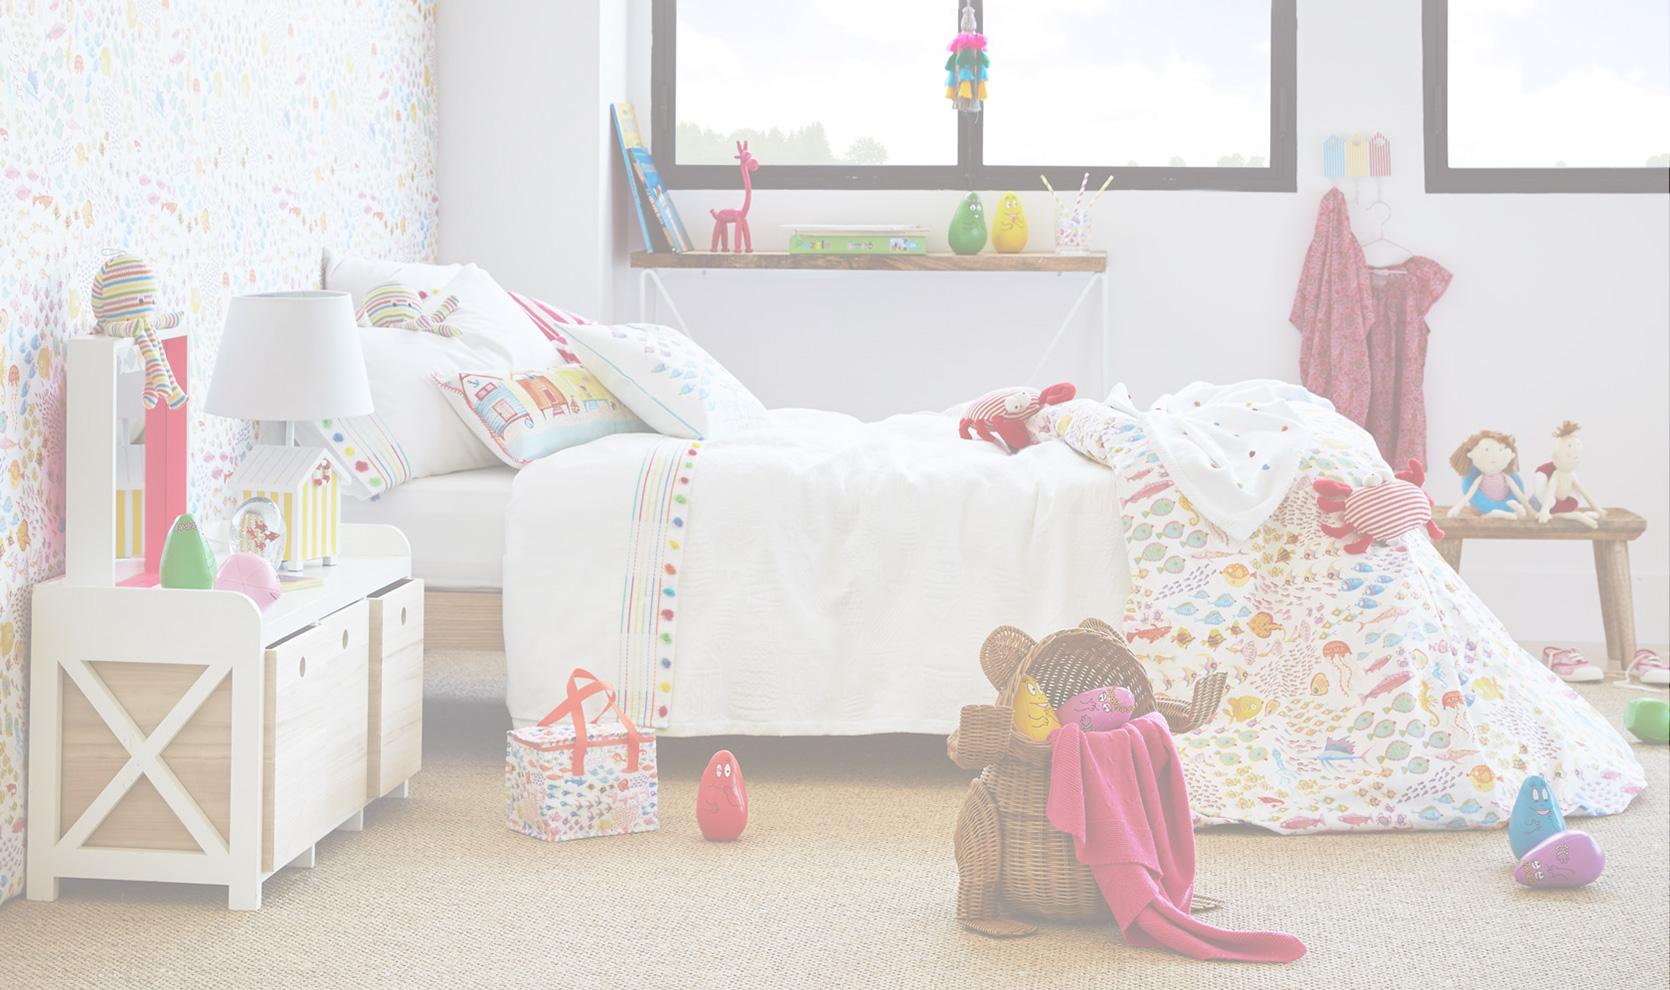 Zara home belgium home page - Zara home kids com ...